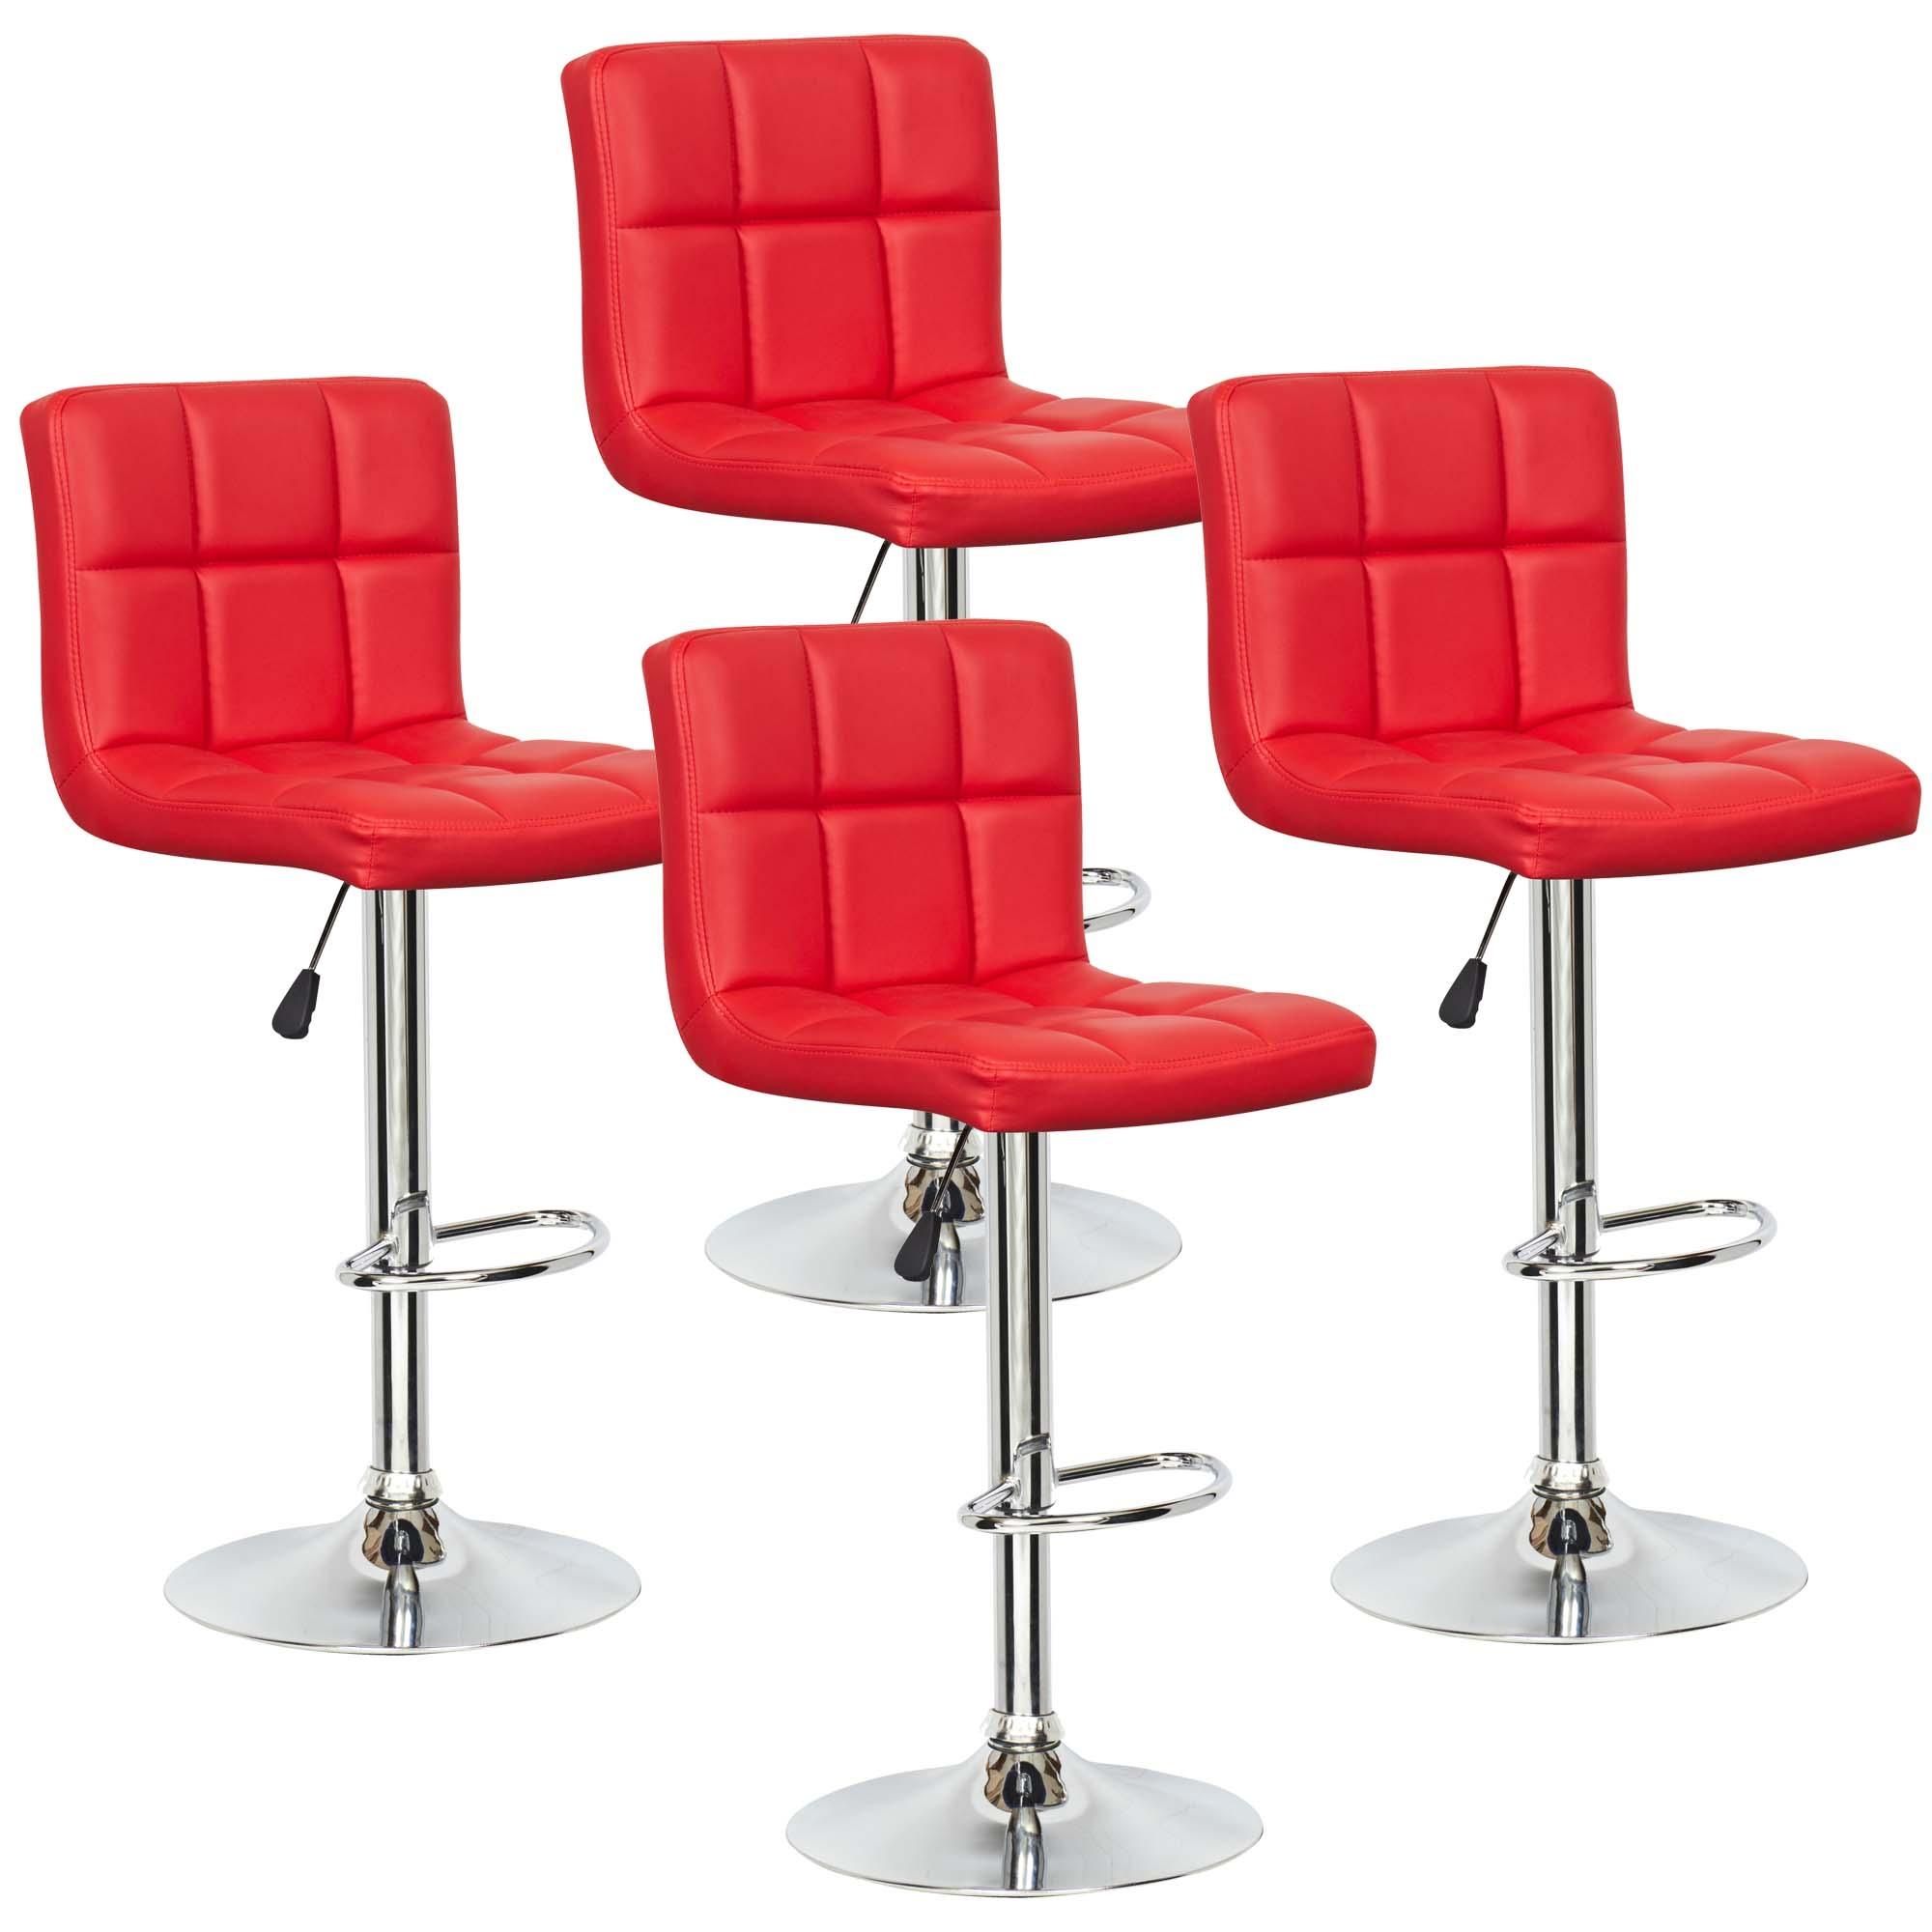 De Tabouret Bar Rouge Et Meuble Maison Ikea Yvy6b7gf D9eh2i